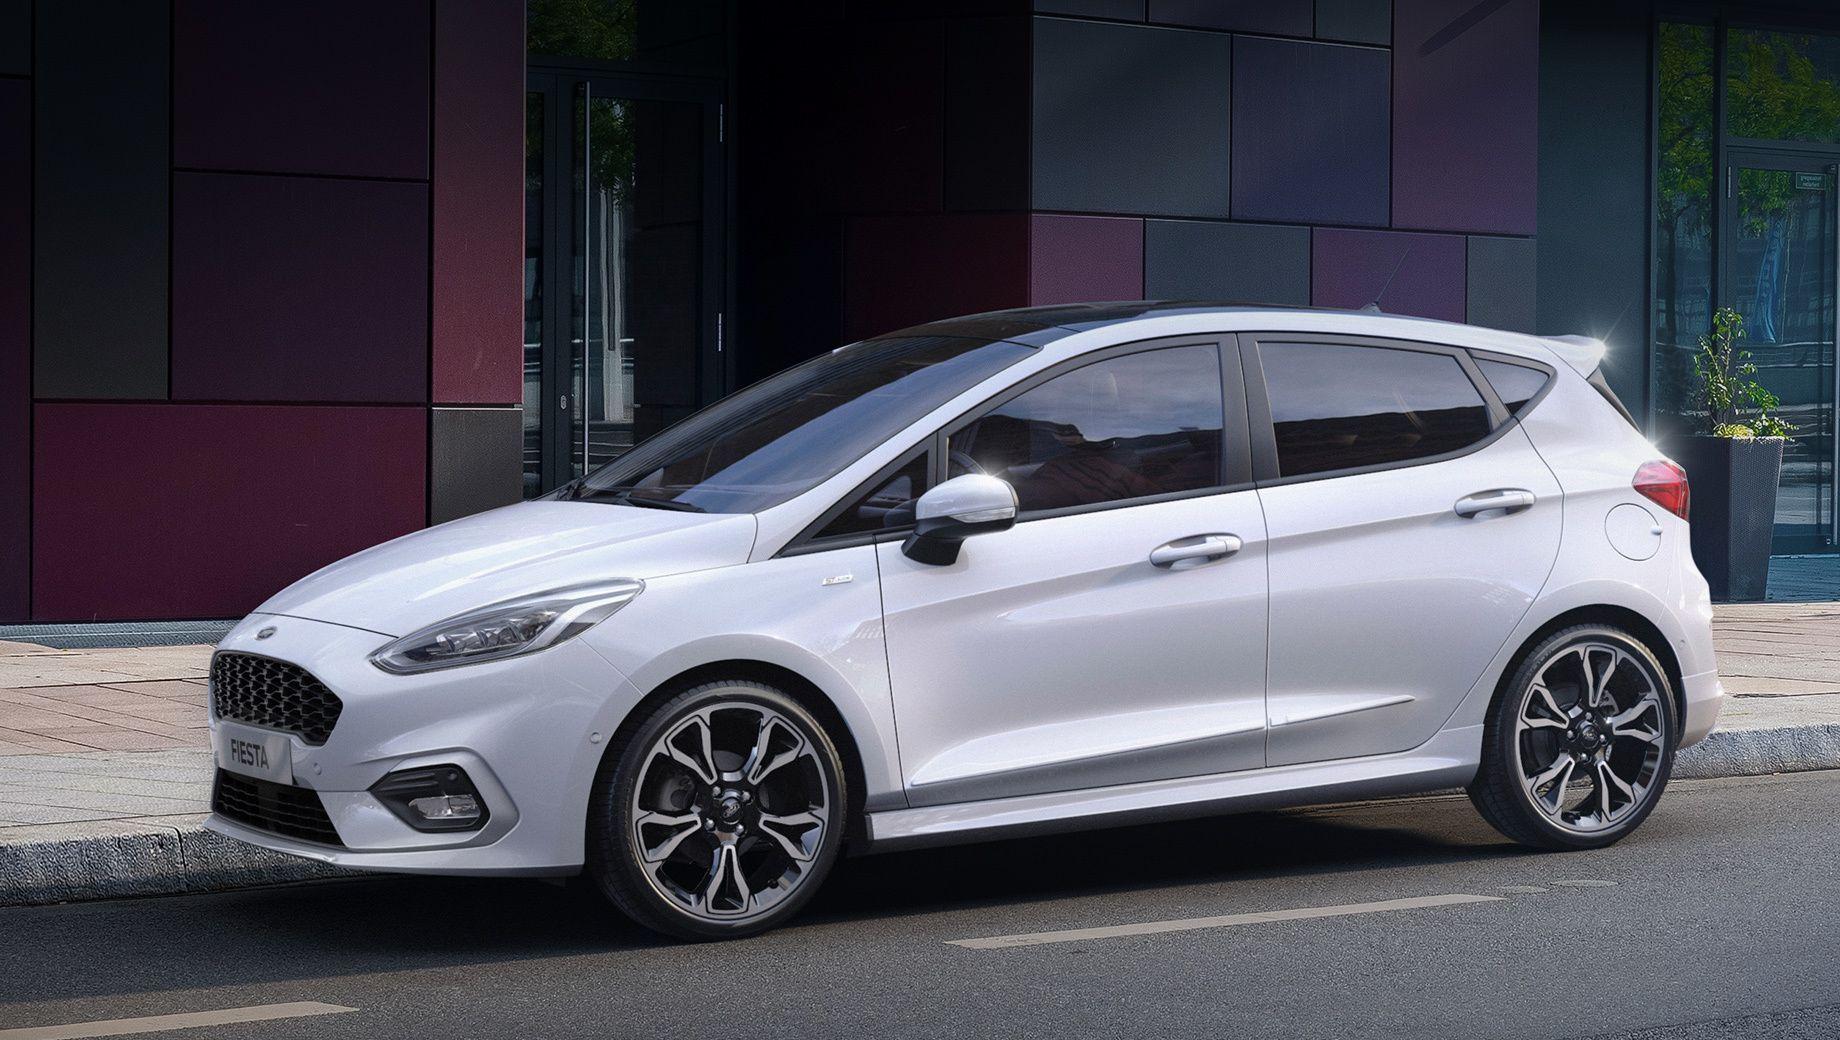 Модель Ford Fiesta впервые электрифицирована ДРАЙВ Ford Ford Fiesta Autos